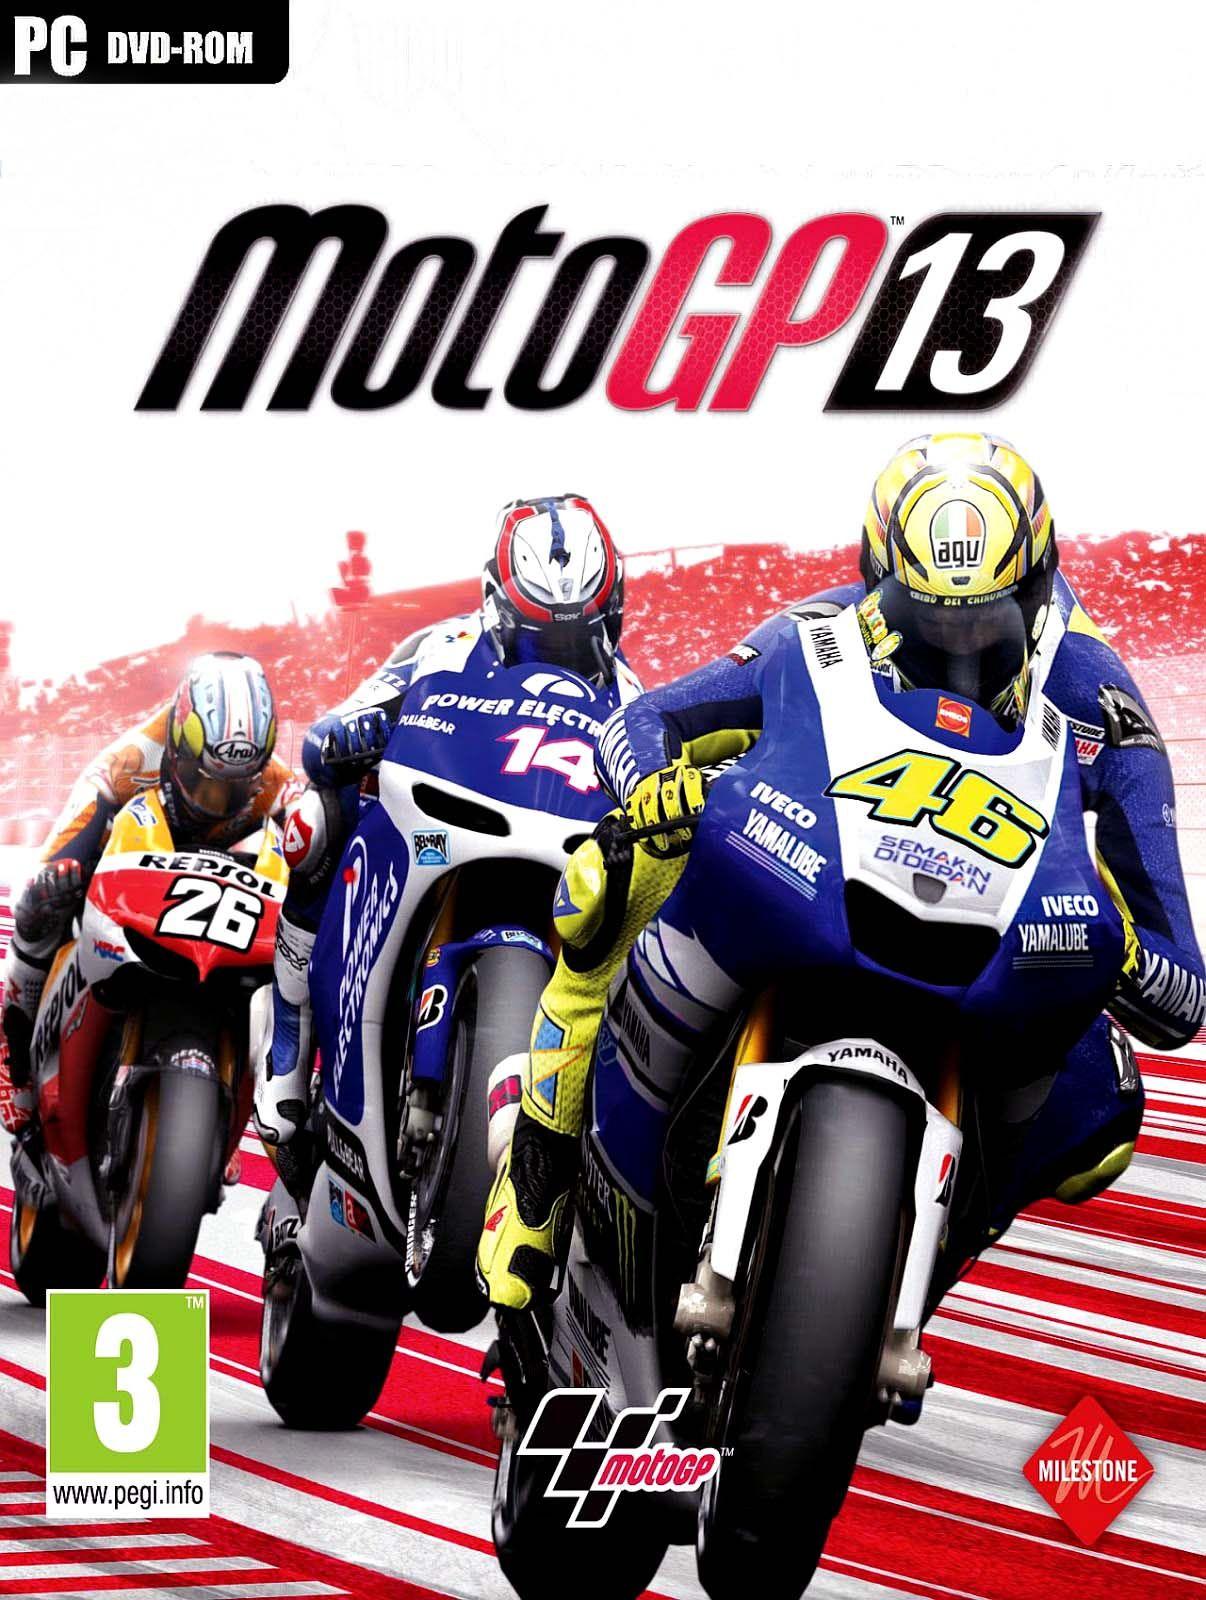 MotoGP 13 pc dvd-ის სურათის შედეგი